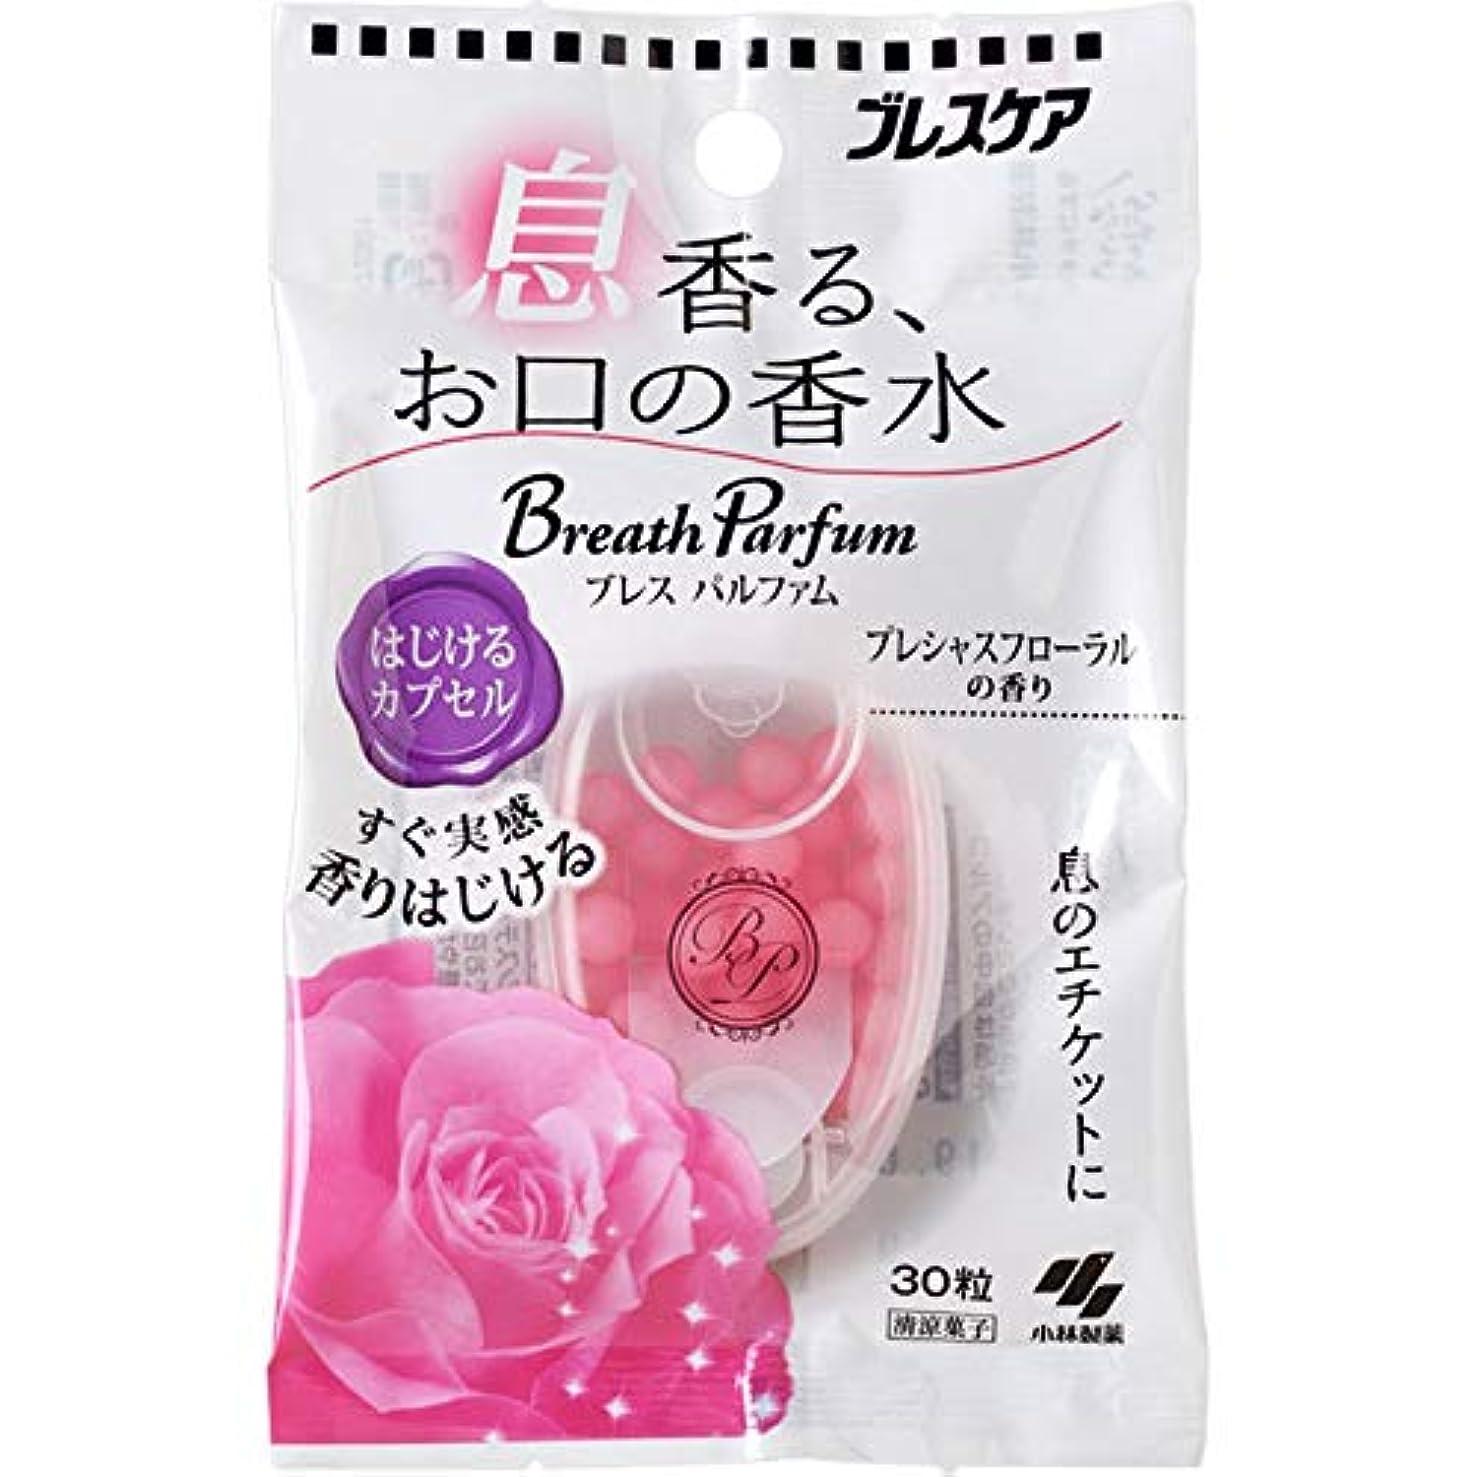 虫褒賞事実上【10個セット】ブレスケア ブレスパルファム はじけるカプセル プレシャスフローラルの香り 30粒